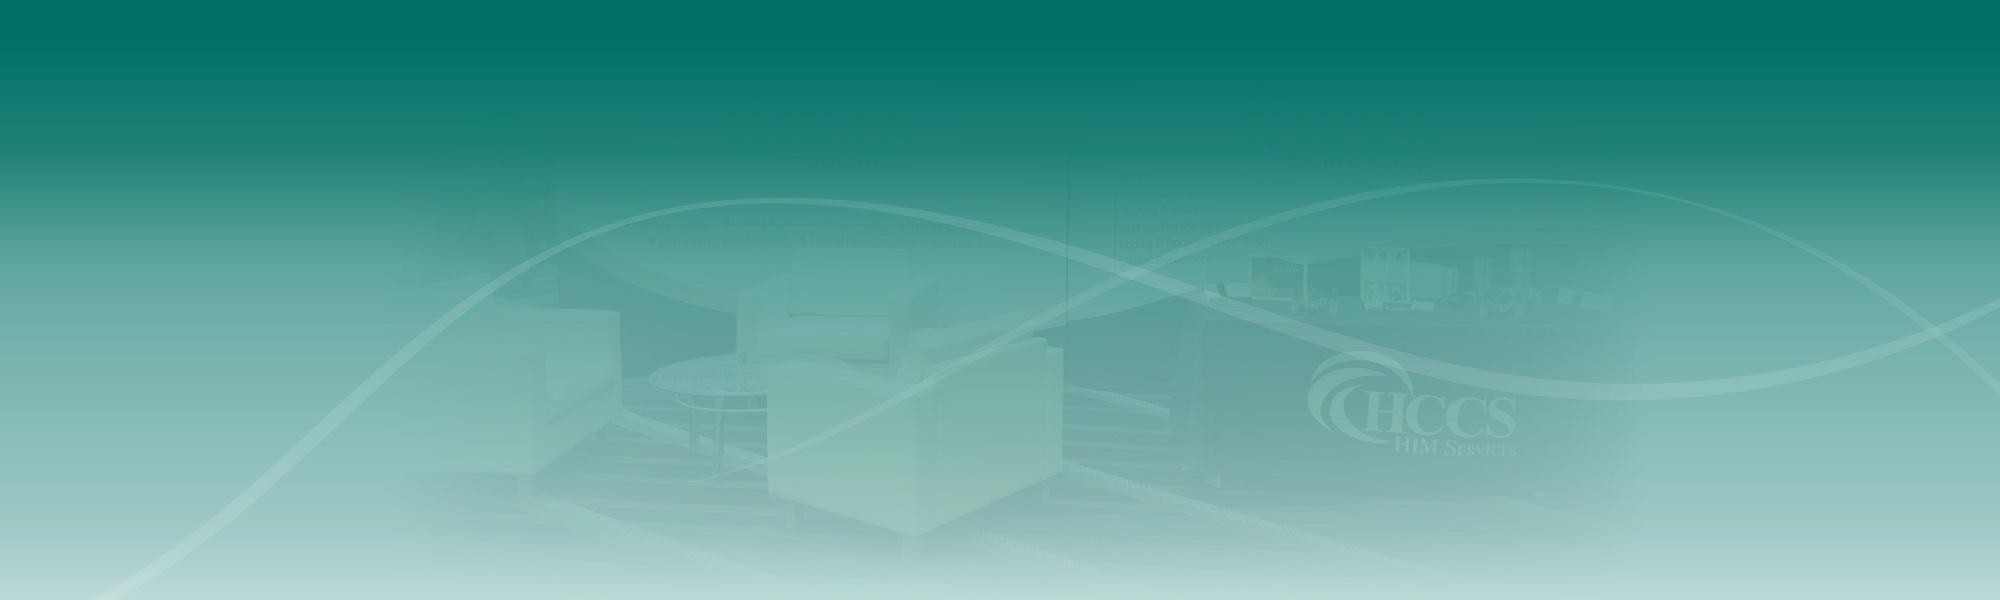 Services-Banner-1.jpg